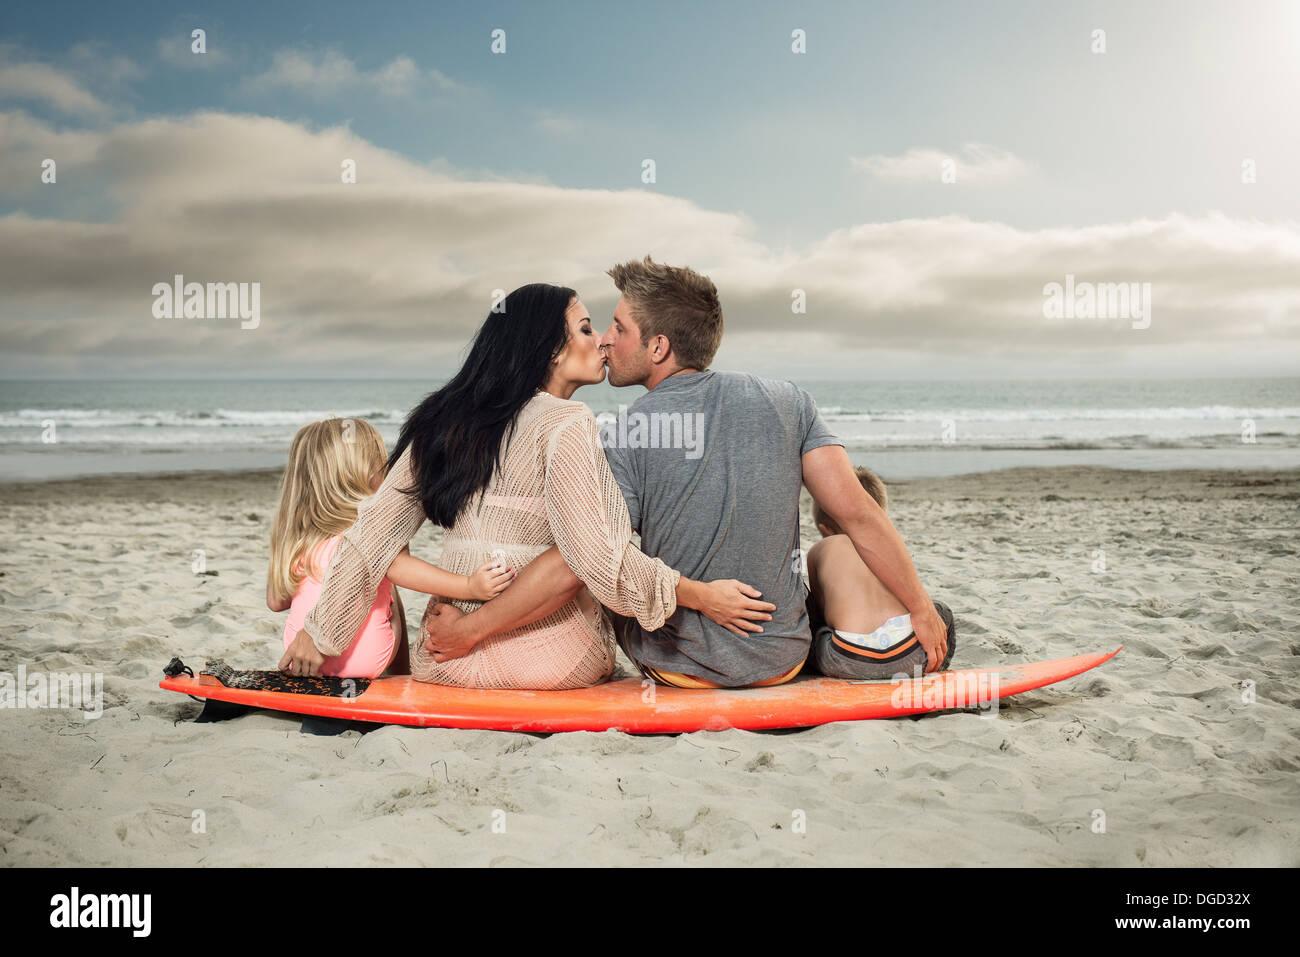 Famiglia giovane seduto sulla tavola da surf in spiaggia con i genitori baciare Immagini Stock